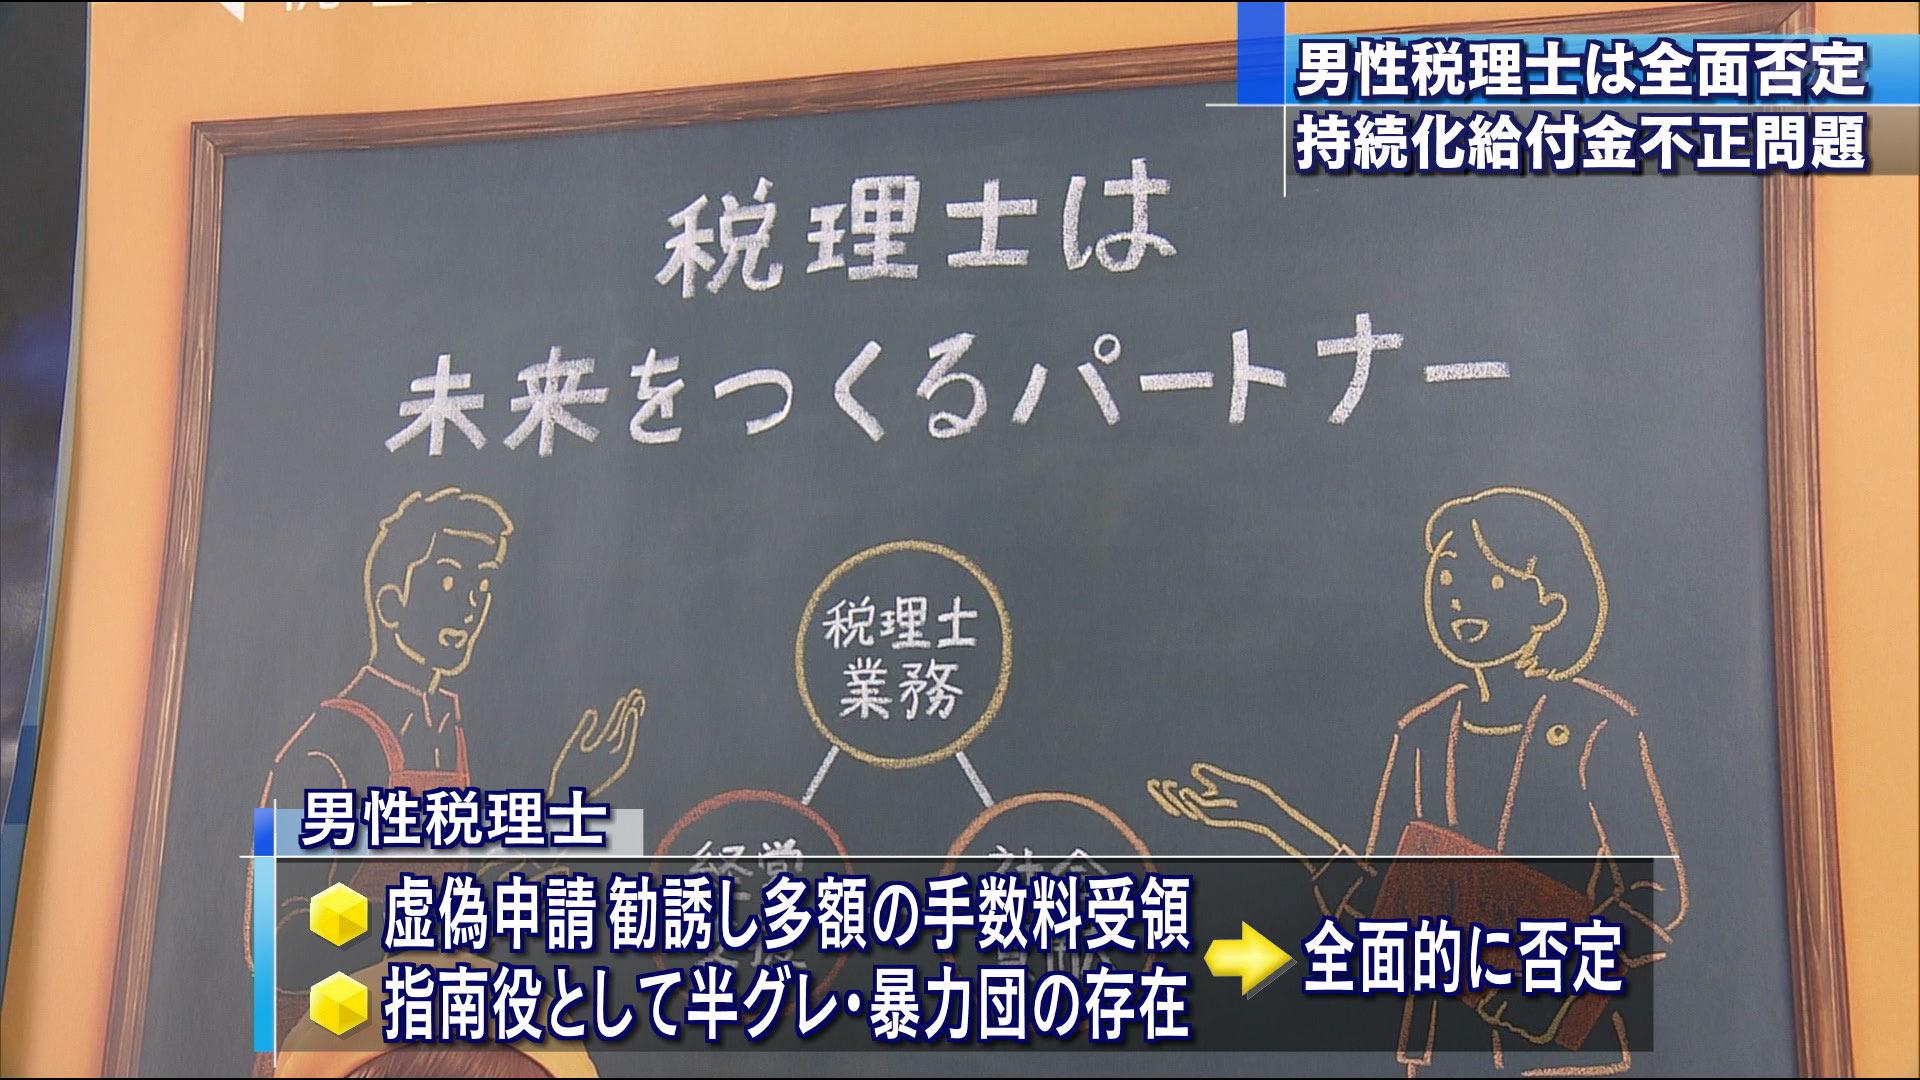 沖縄税理士会が男性税理士に聞き取り